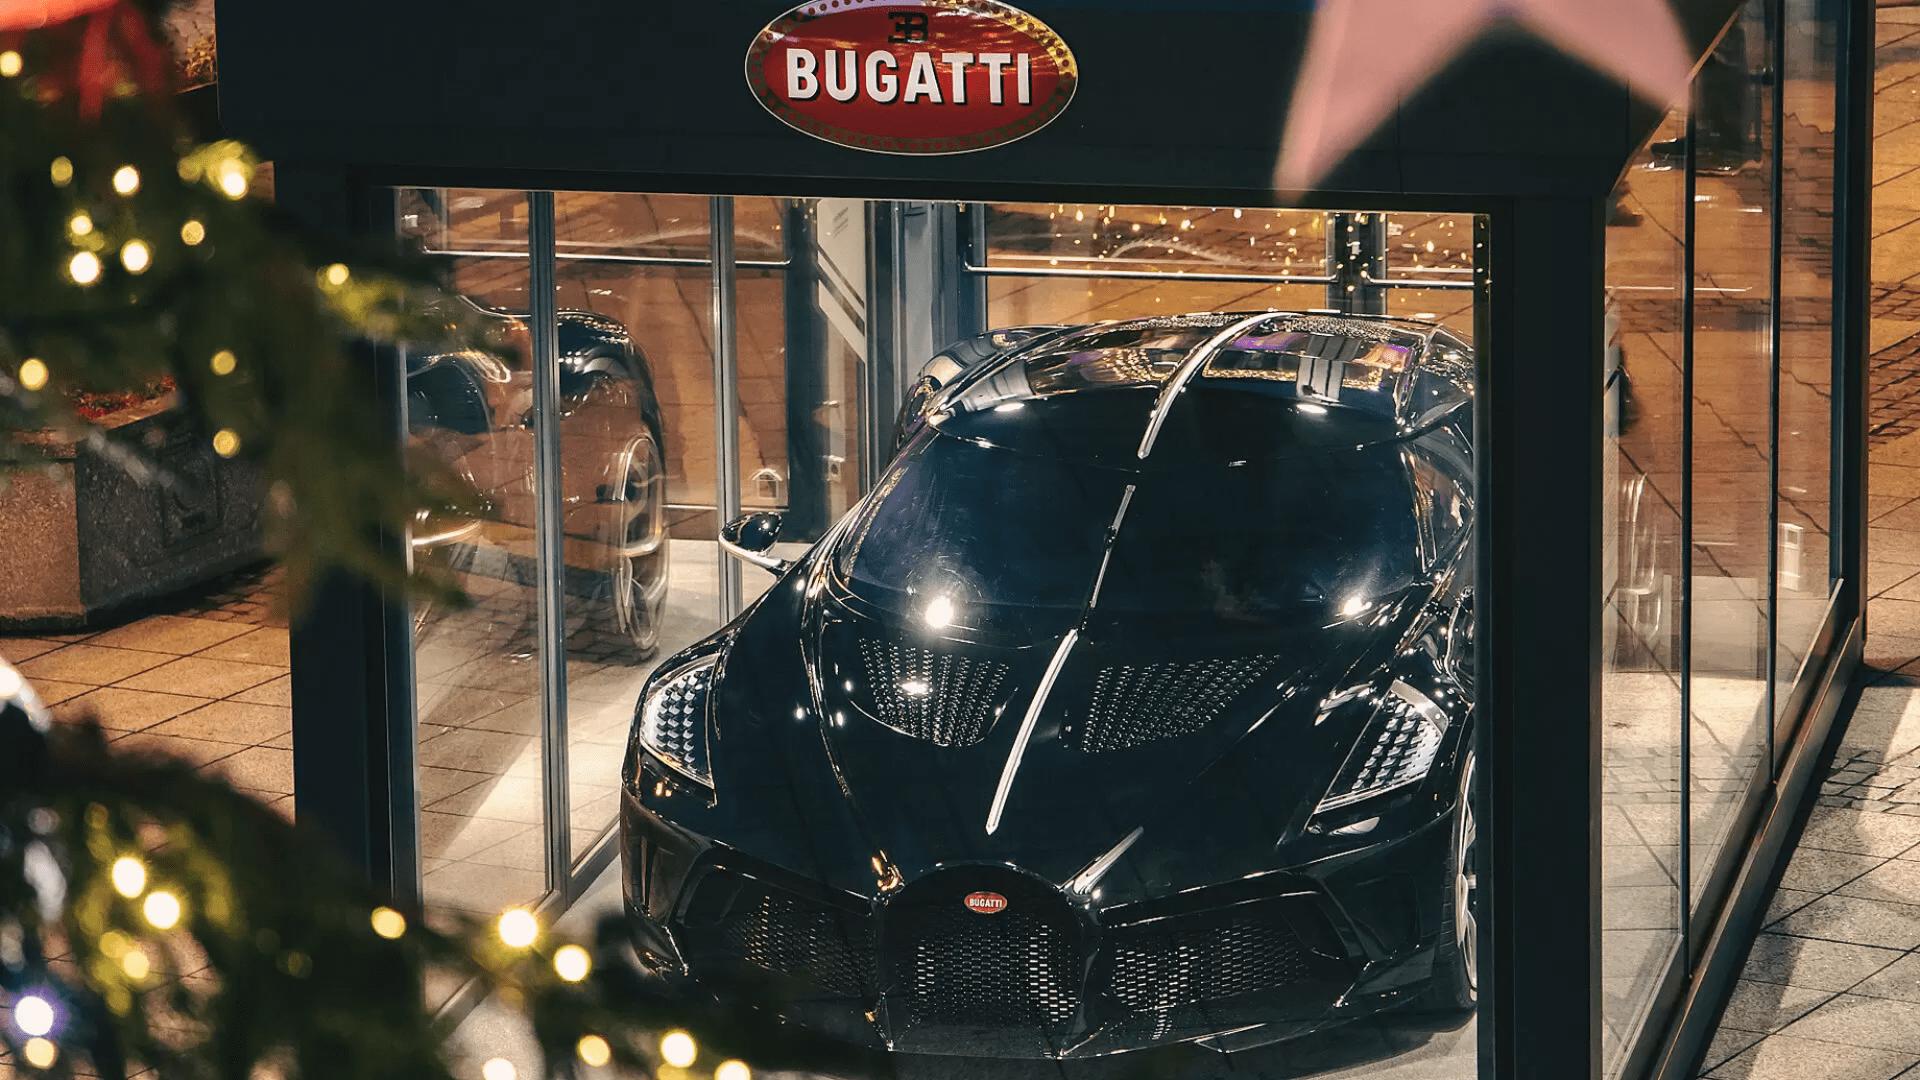 """Pour Noël, Bugatti expose """"La Voiture Noire"""", la voiture la plus chère du monde, à Molsheim (Alsace)"""